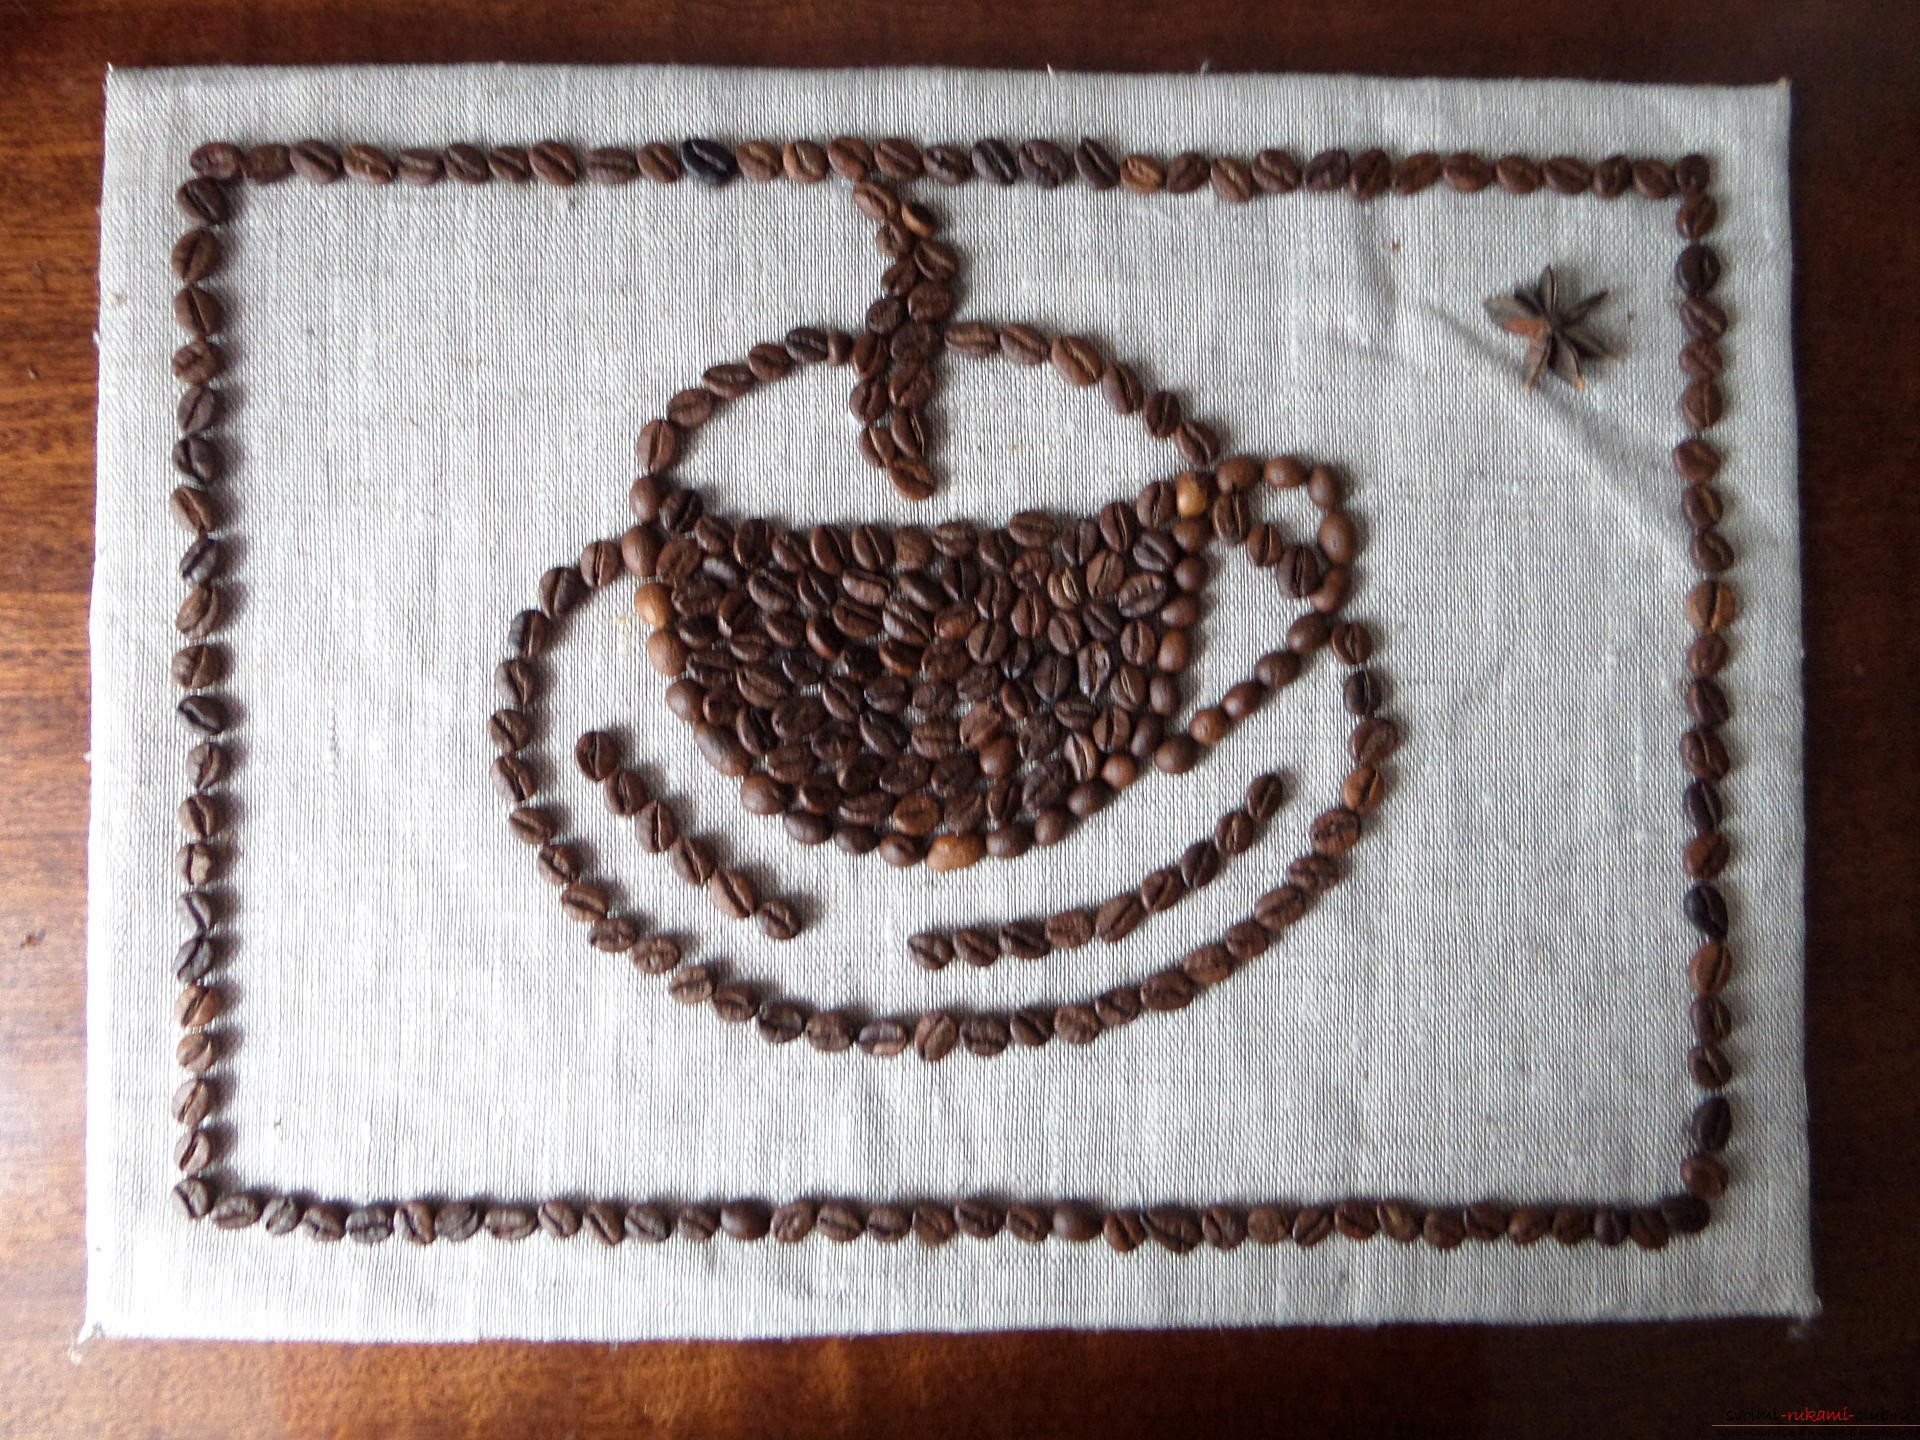 жизнь джон, рисунок из зерен кофе на бумаге несоответствие